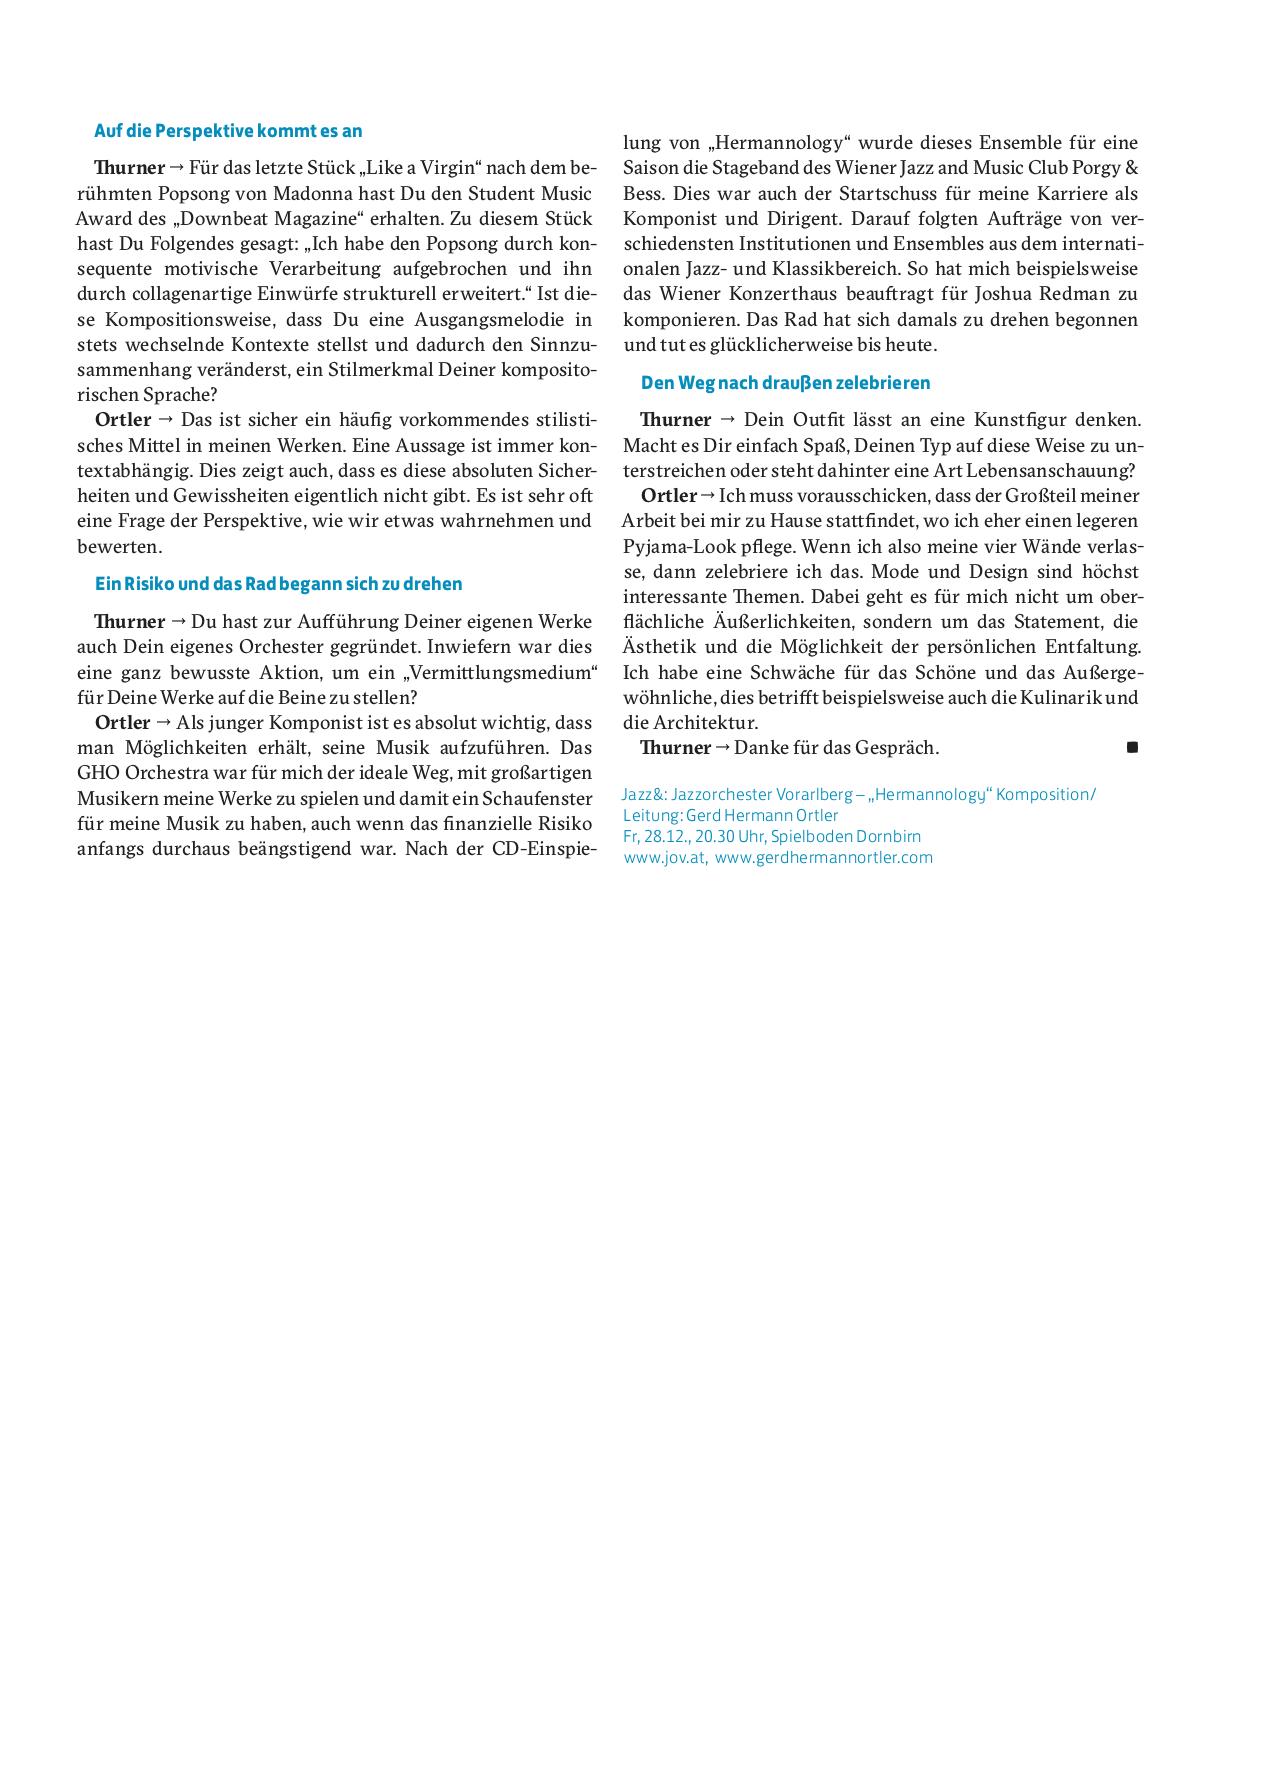 S.Thurner_Herrmannology_KULTUR_Dez18-Jän19 S.2.jpg